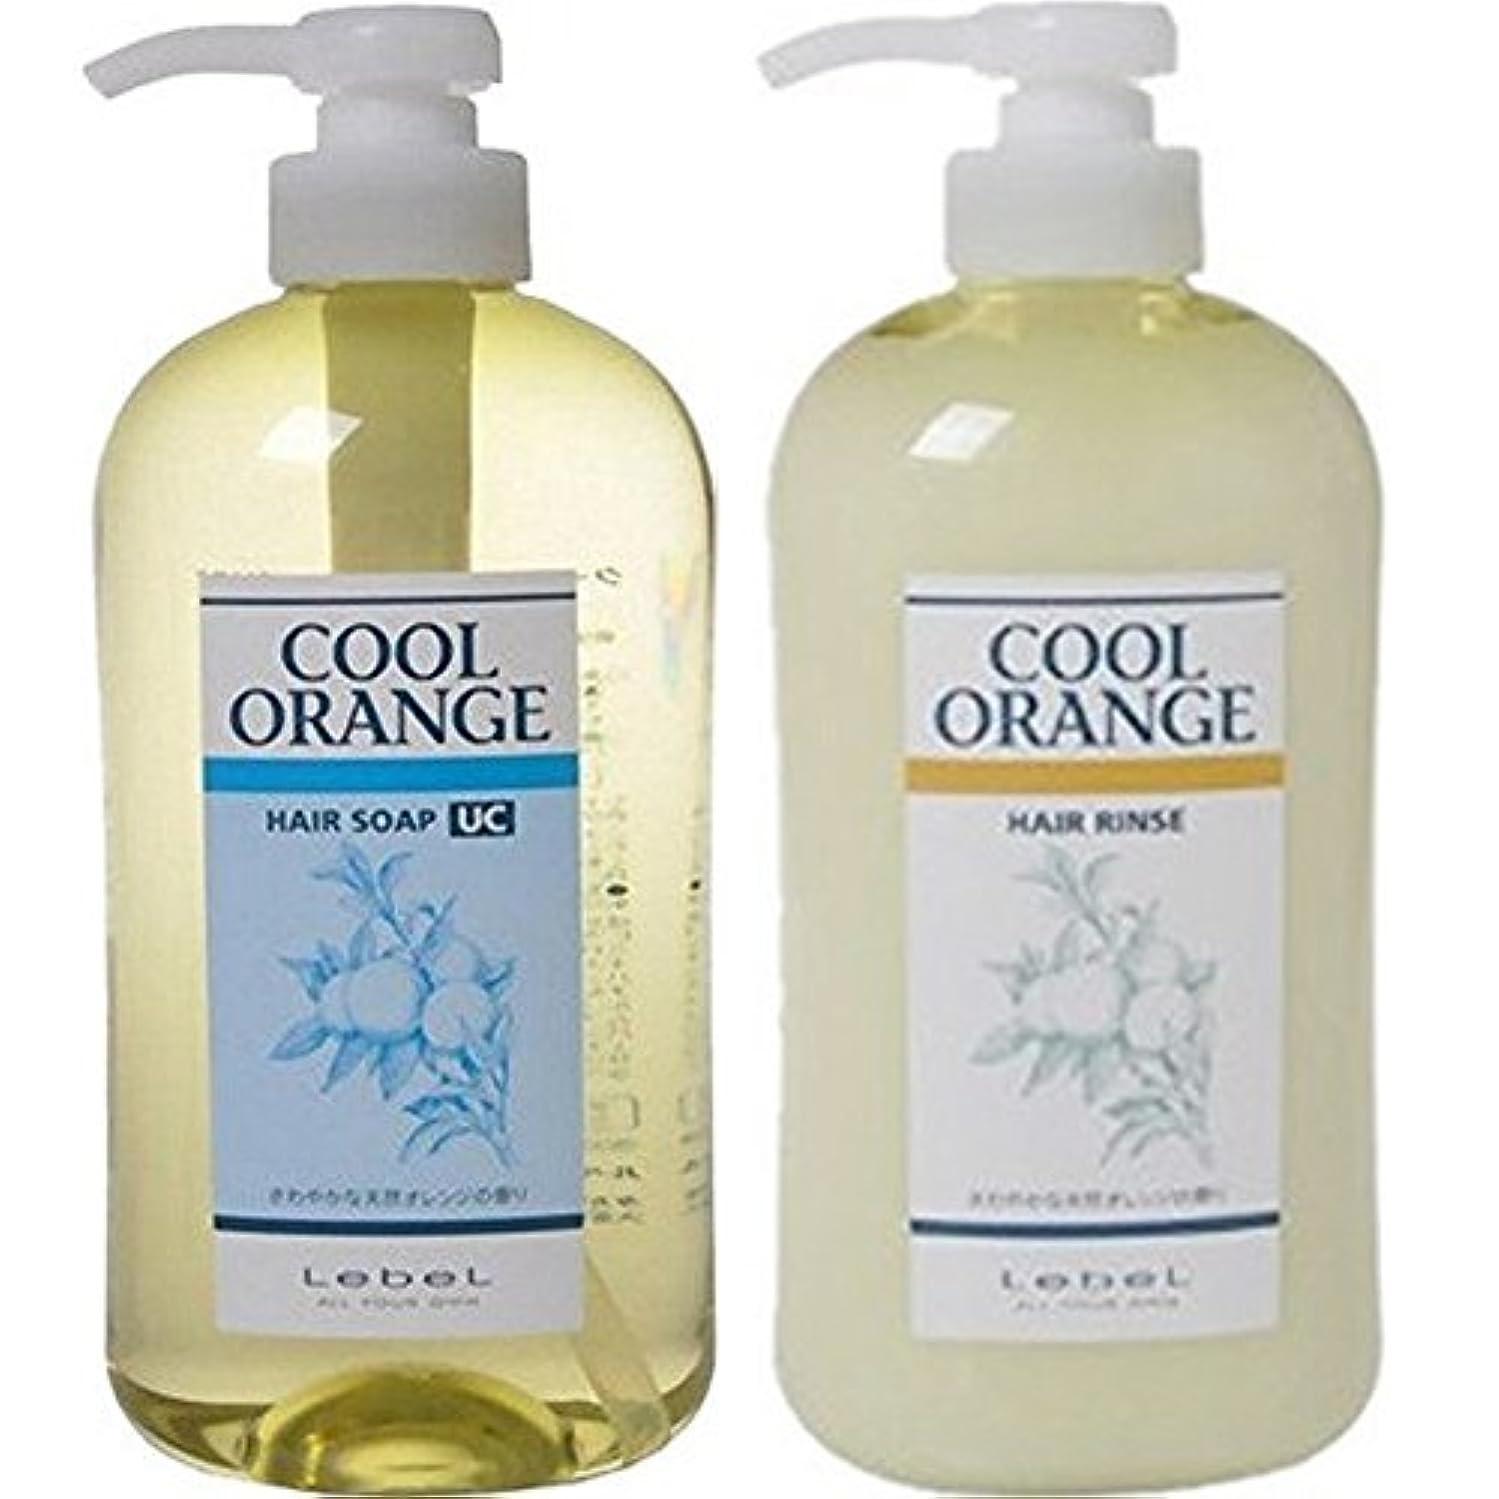 説明的うん硫黄ルベル クールオレンジ ヘアソープUC シャンプー 600ml & ヘアリンス 600ml セット Lebel COOL ORANGE ウルトラクールタイプ スキャルプケア